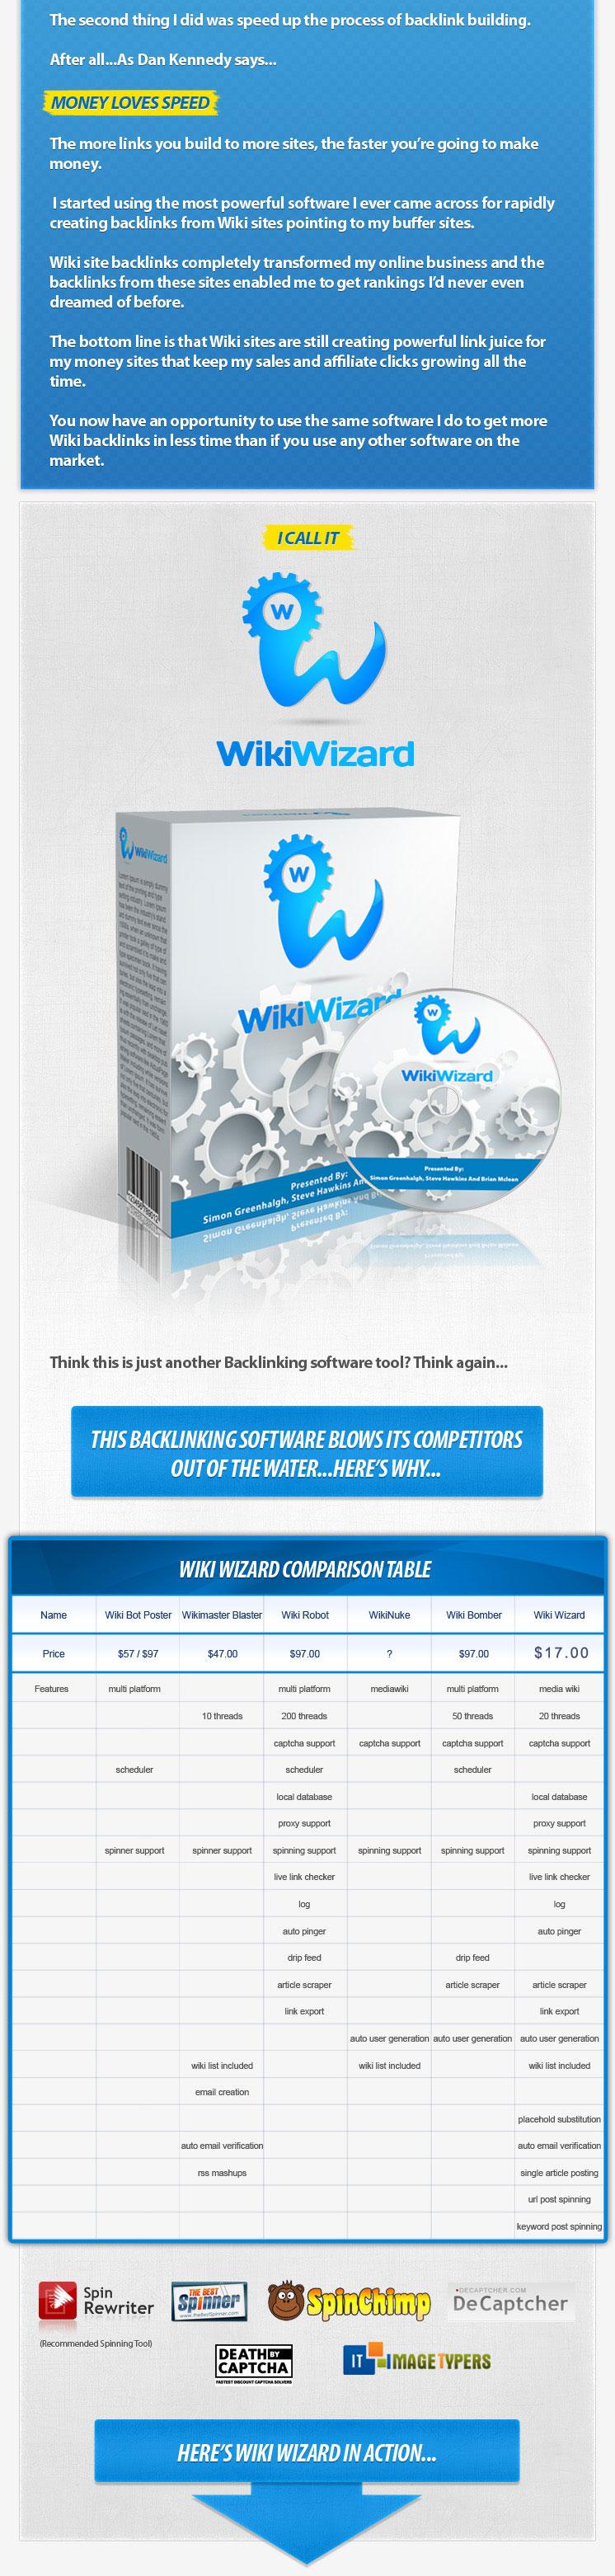 Wiki_WSO3